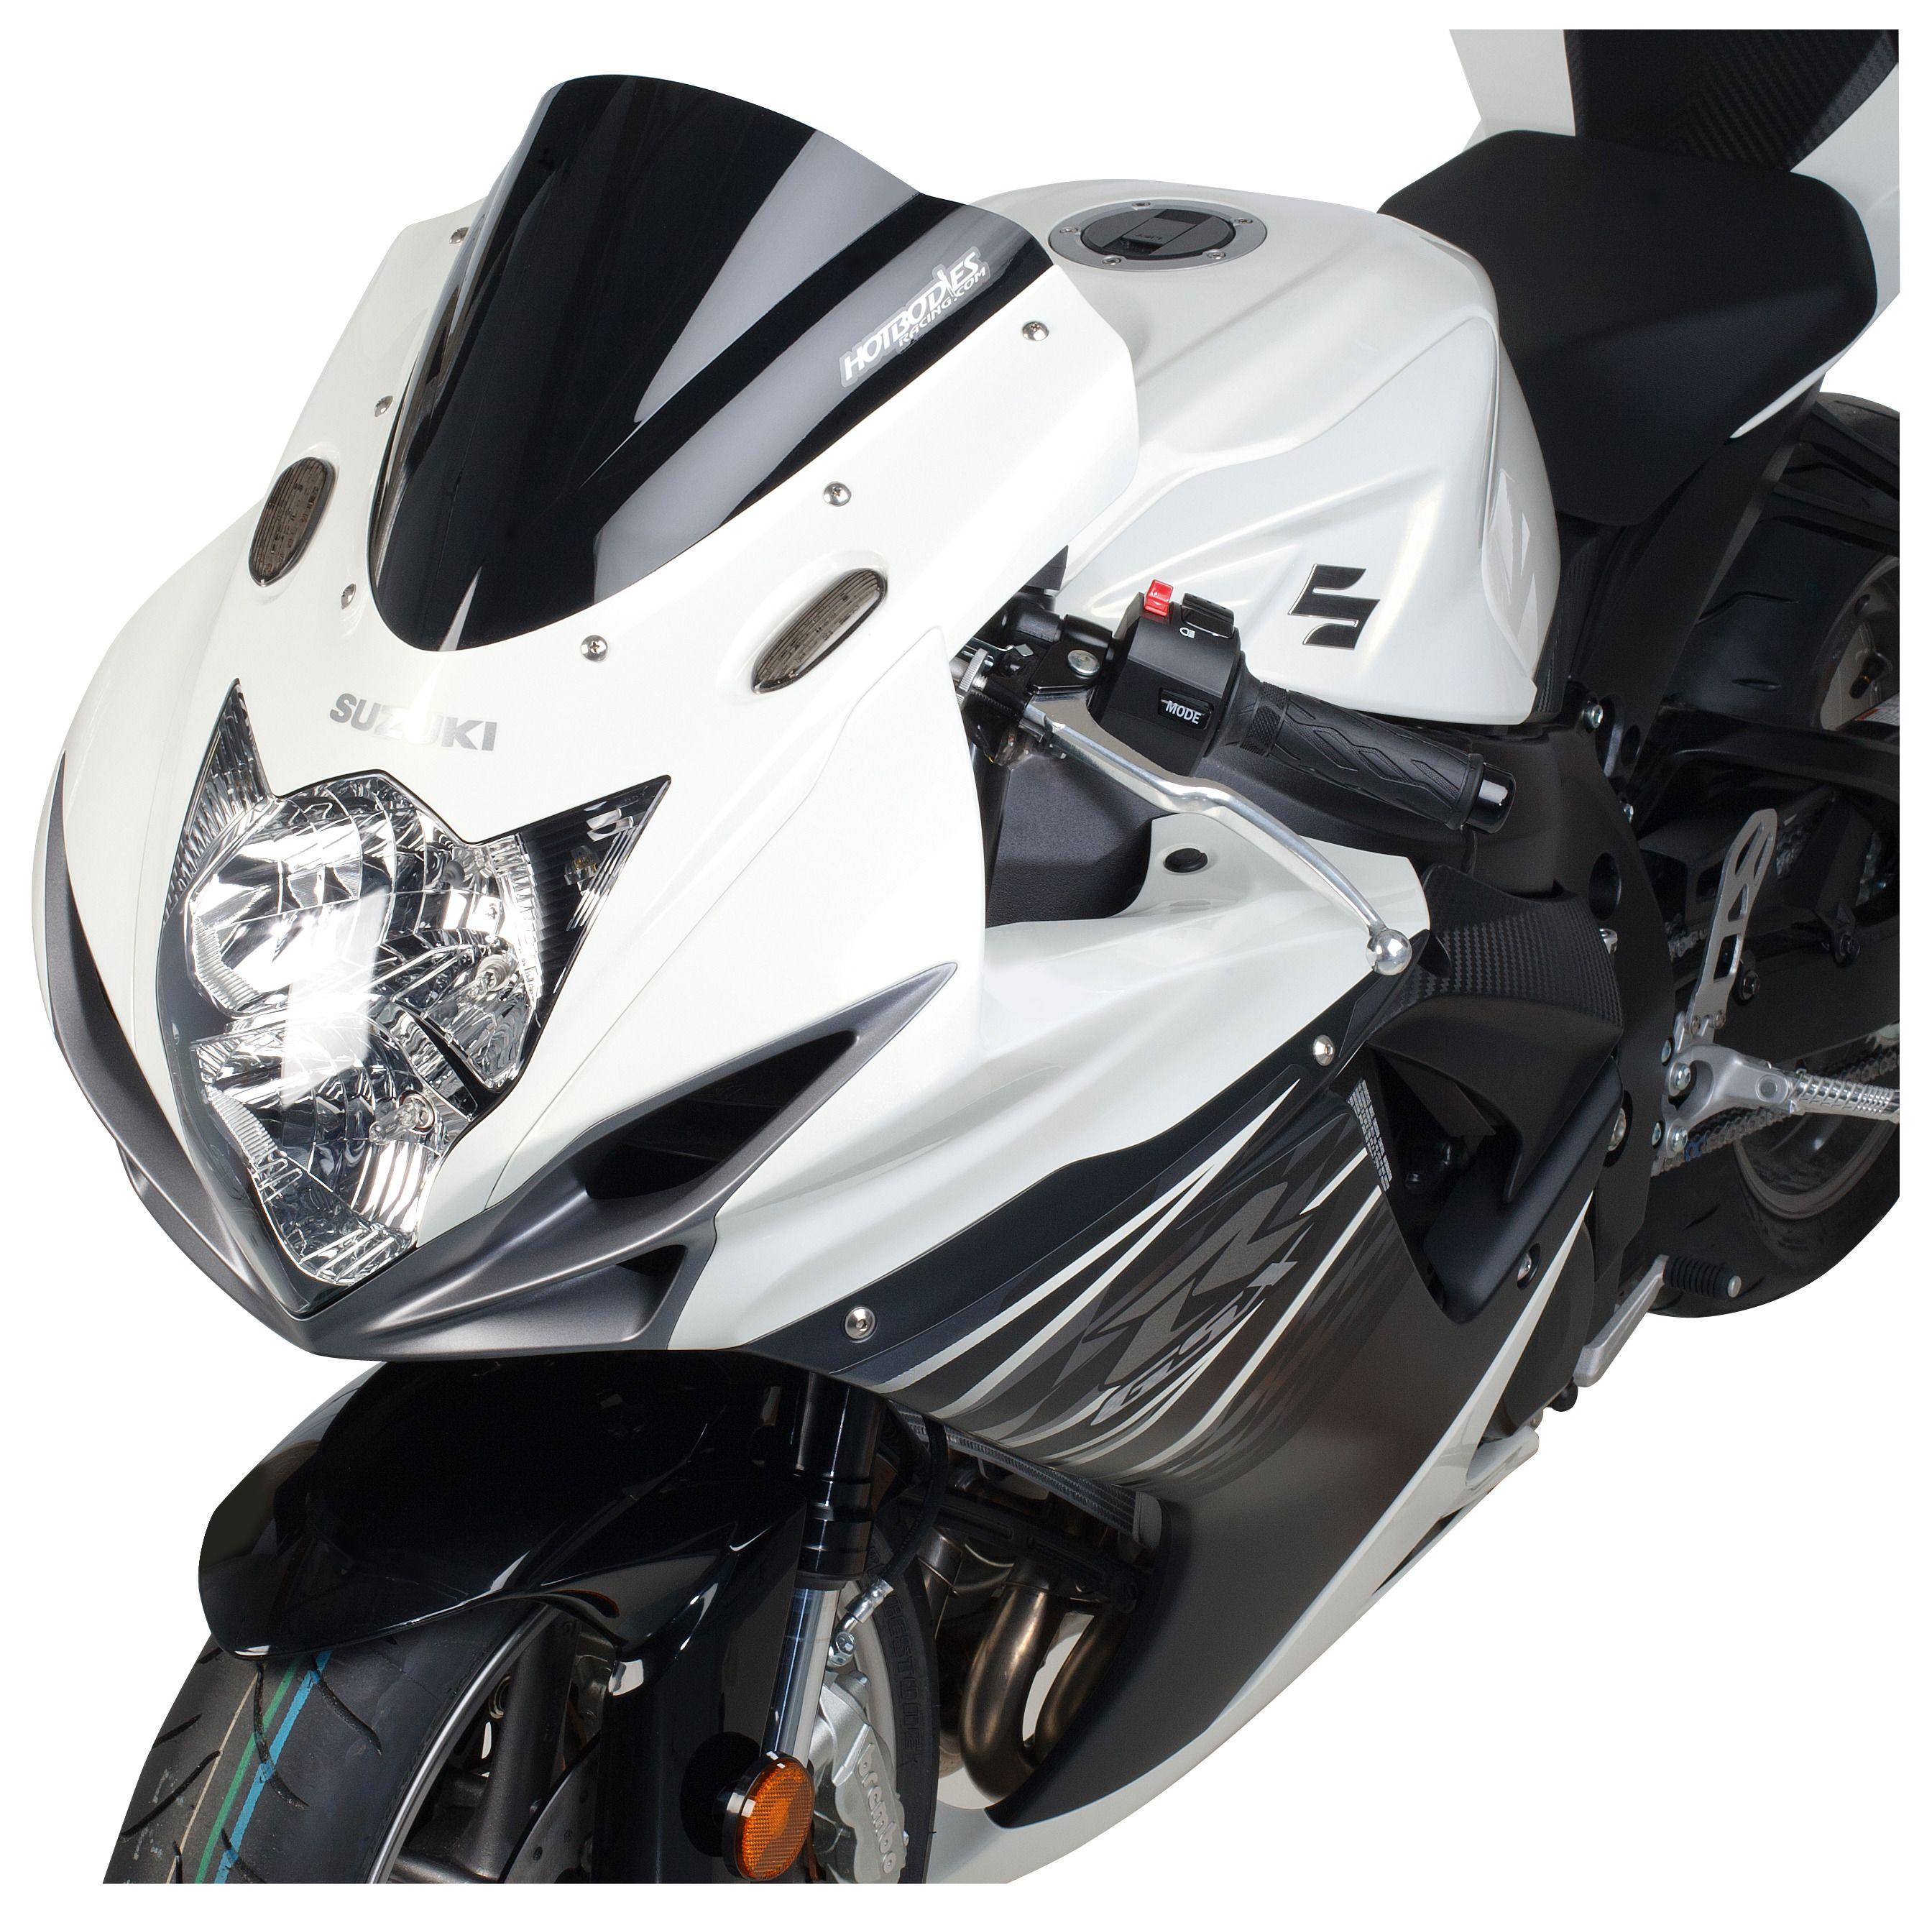 Hotbodies GP Windscreen Suzuki GSXR 600 / GSXR 750 2011-2018 | 10 ...